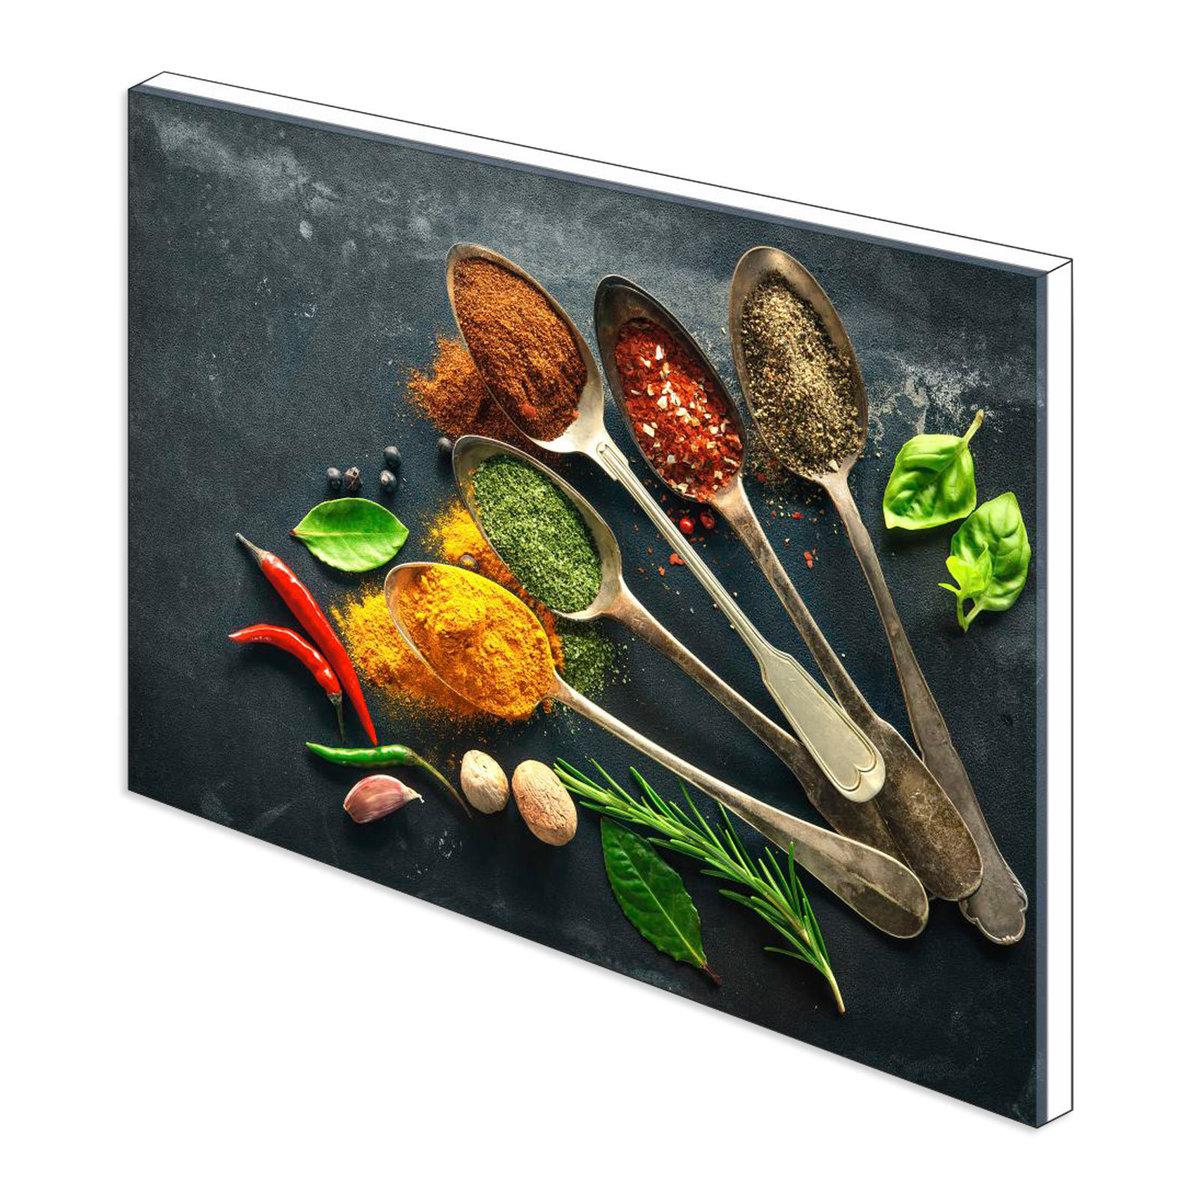 Bild 3 von Küchenrückwand aus Glas - GEWÜRZE - 90x65 cm